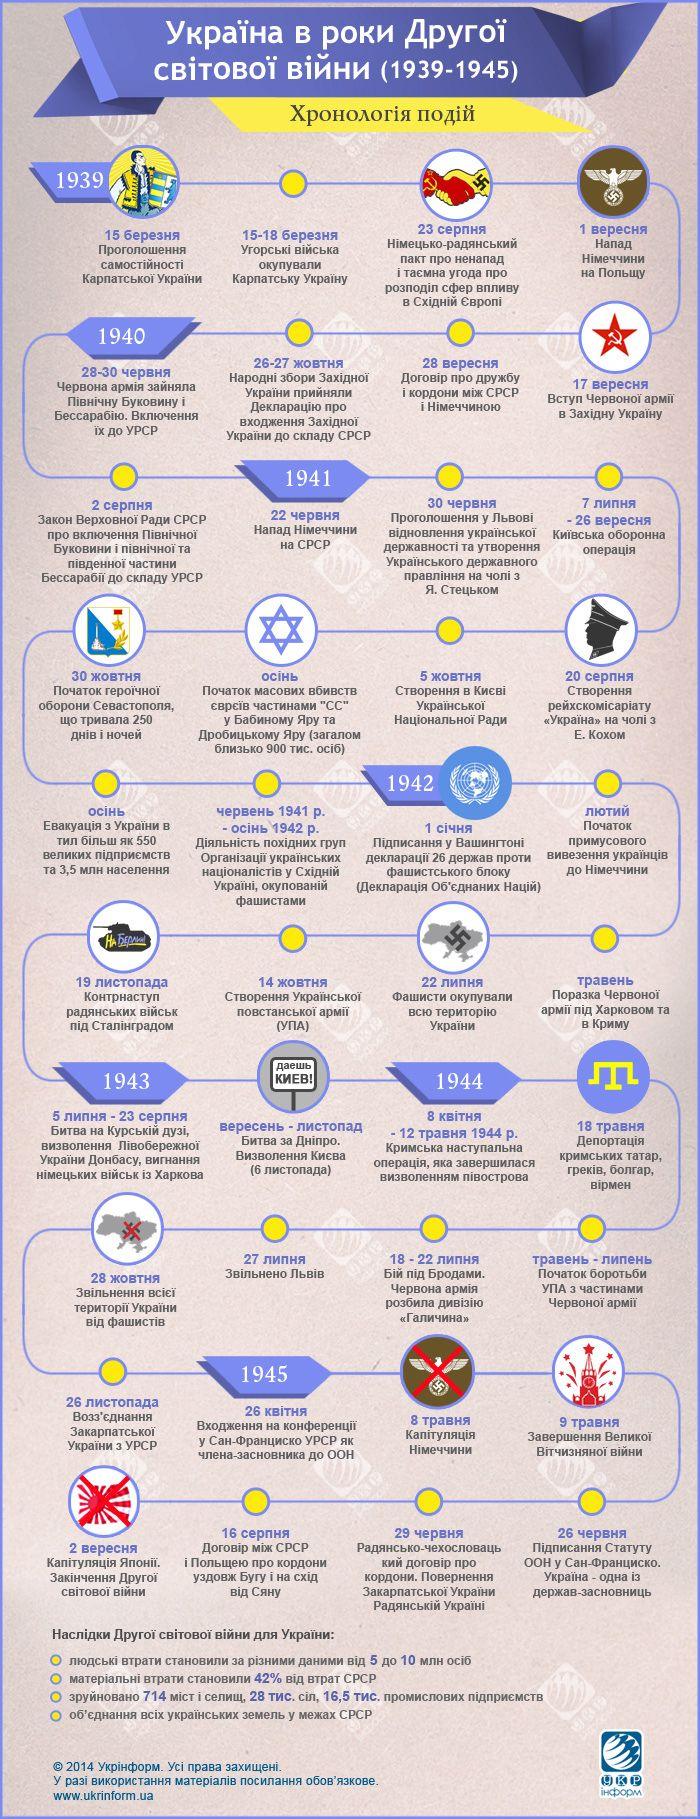 Україна заплатила найвищу ціну у Другій світовій війні. Інфографіка   УКРІНФОРМ